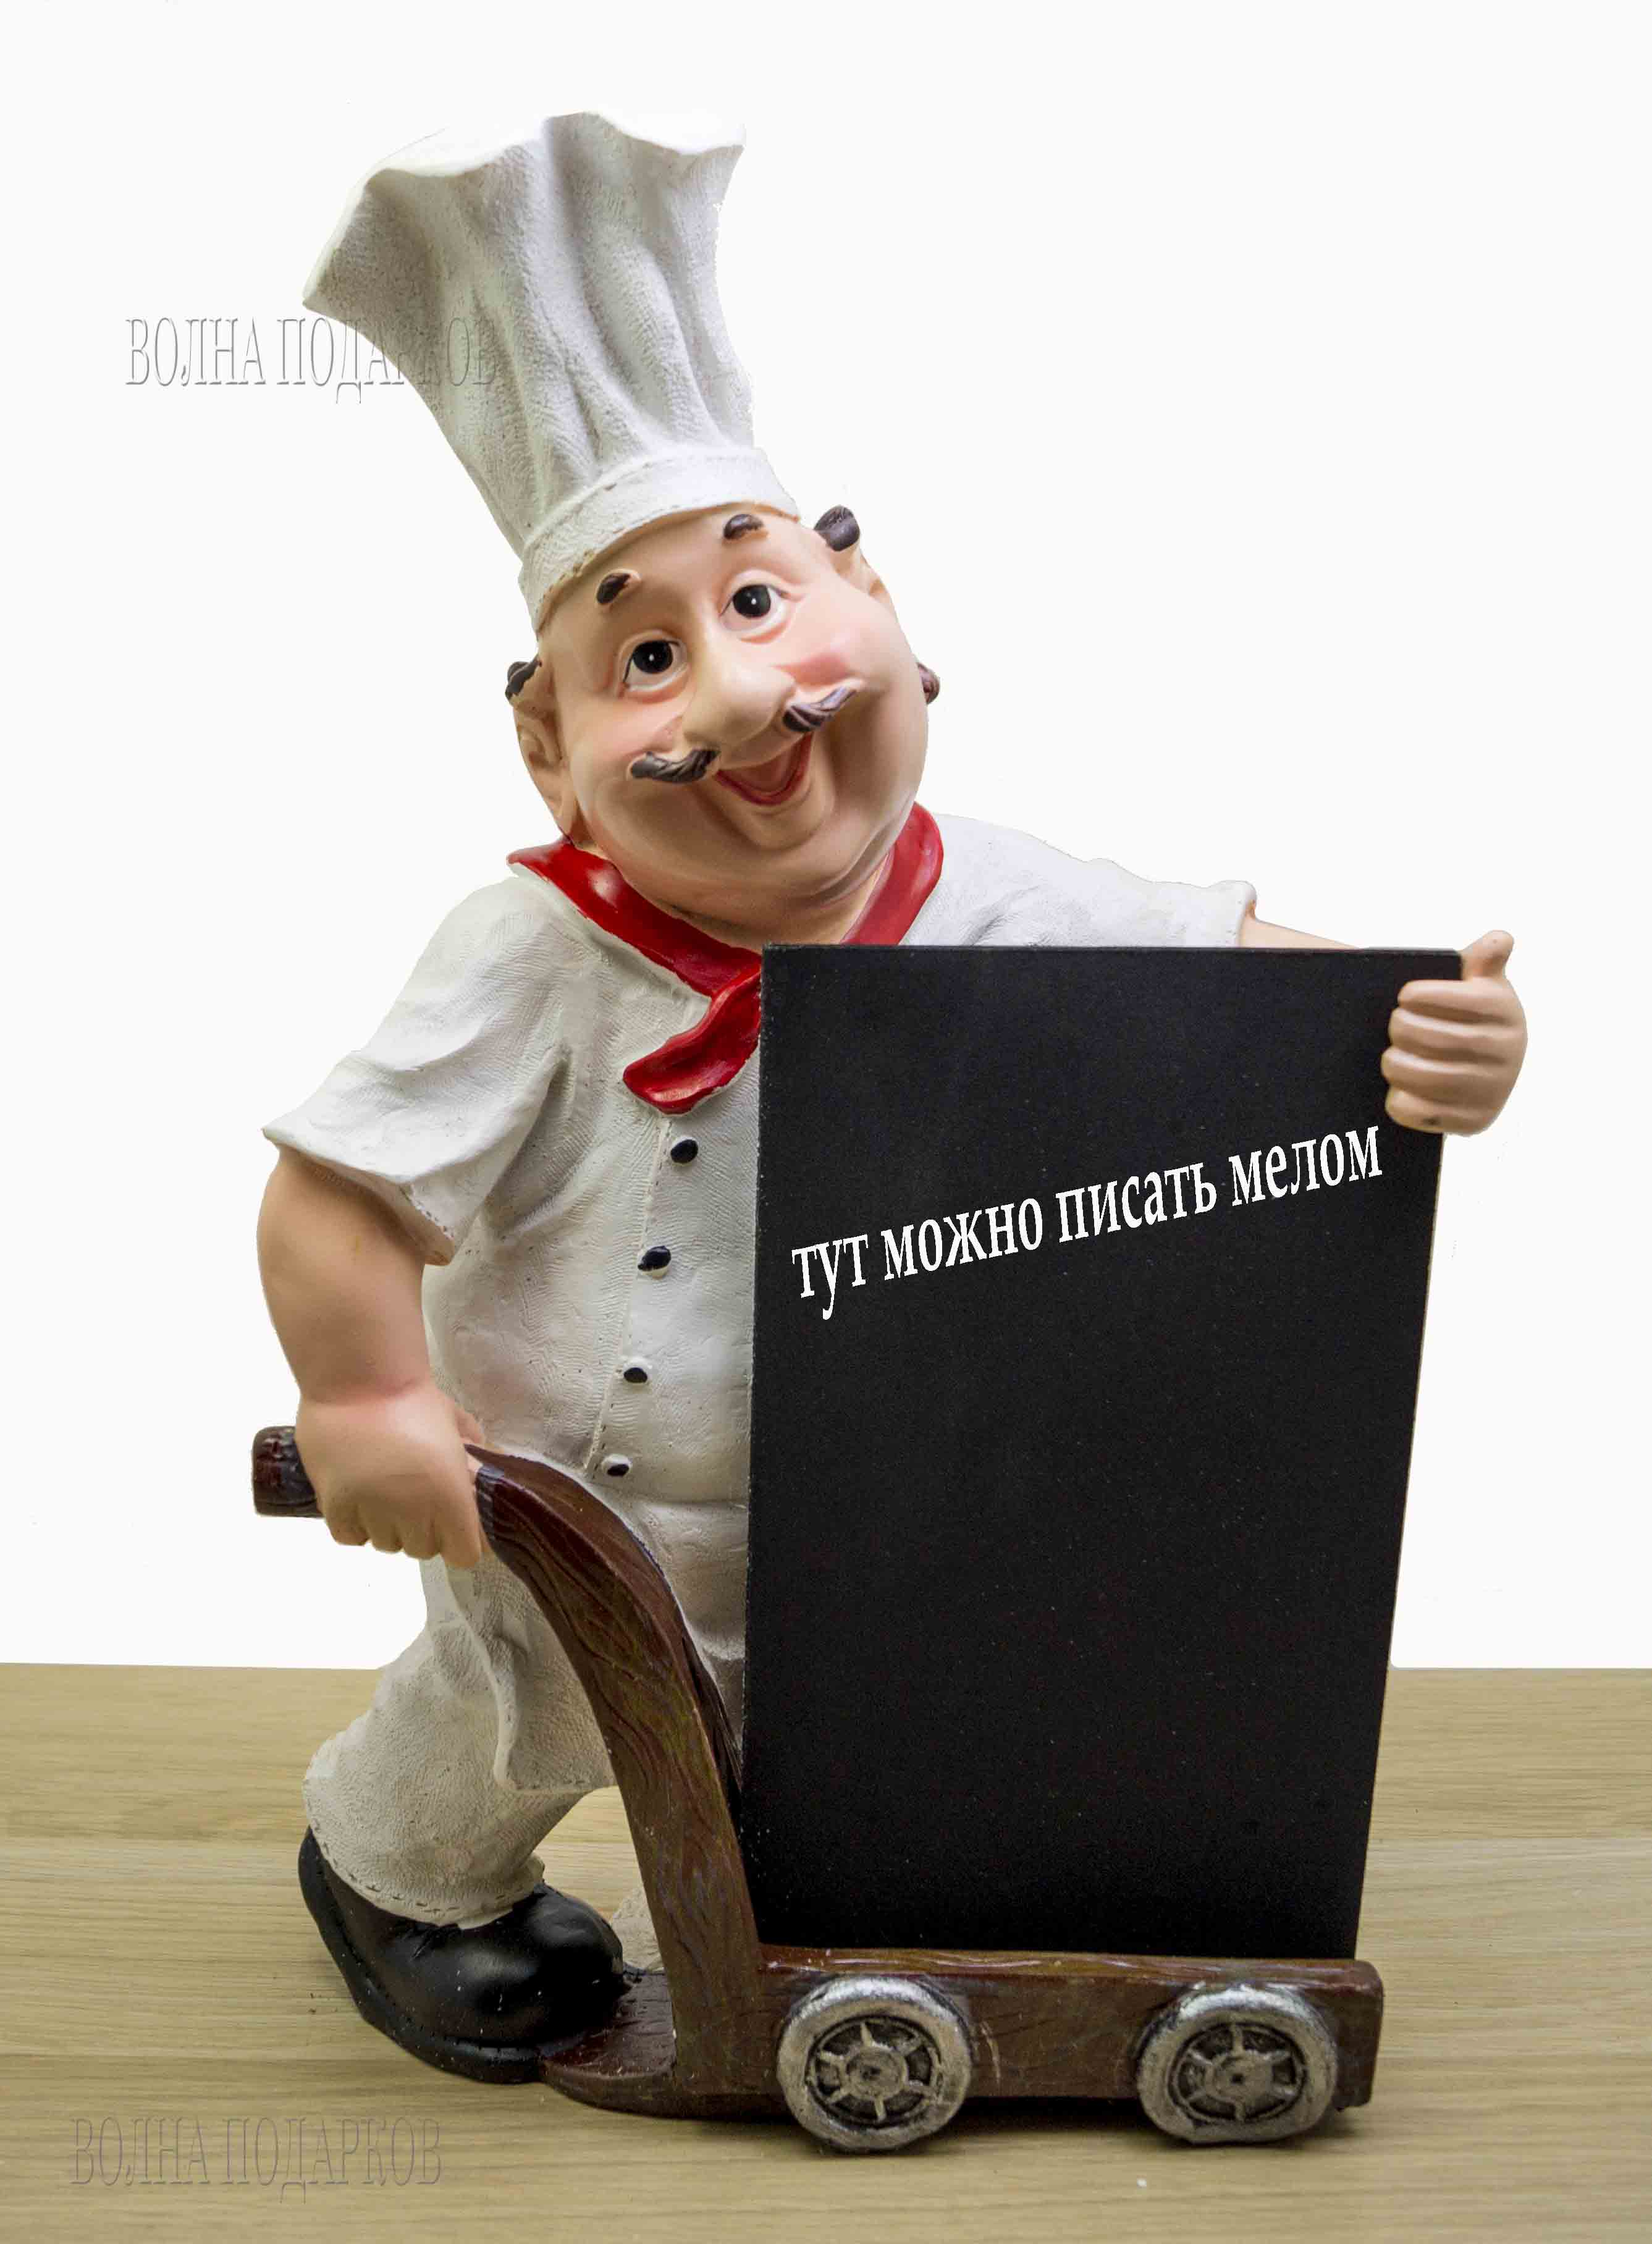 Подарок шеф повару, выбрать подарок для шеф повора